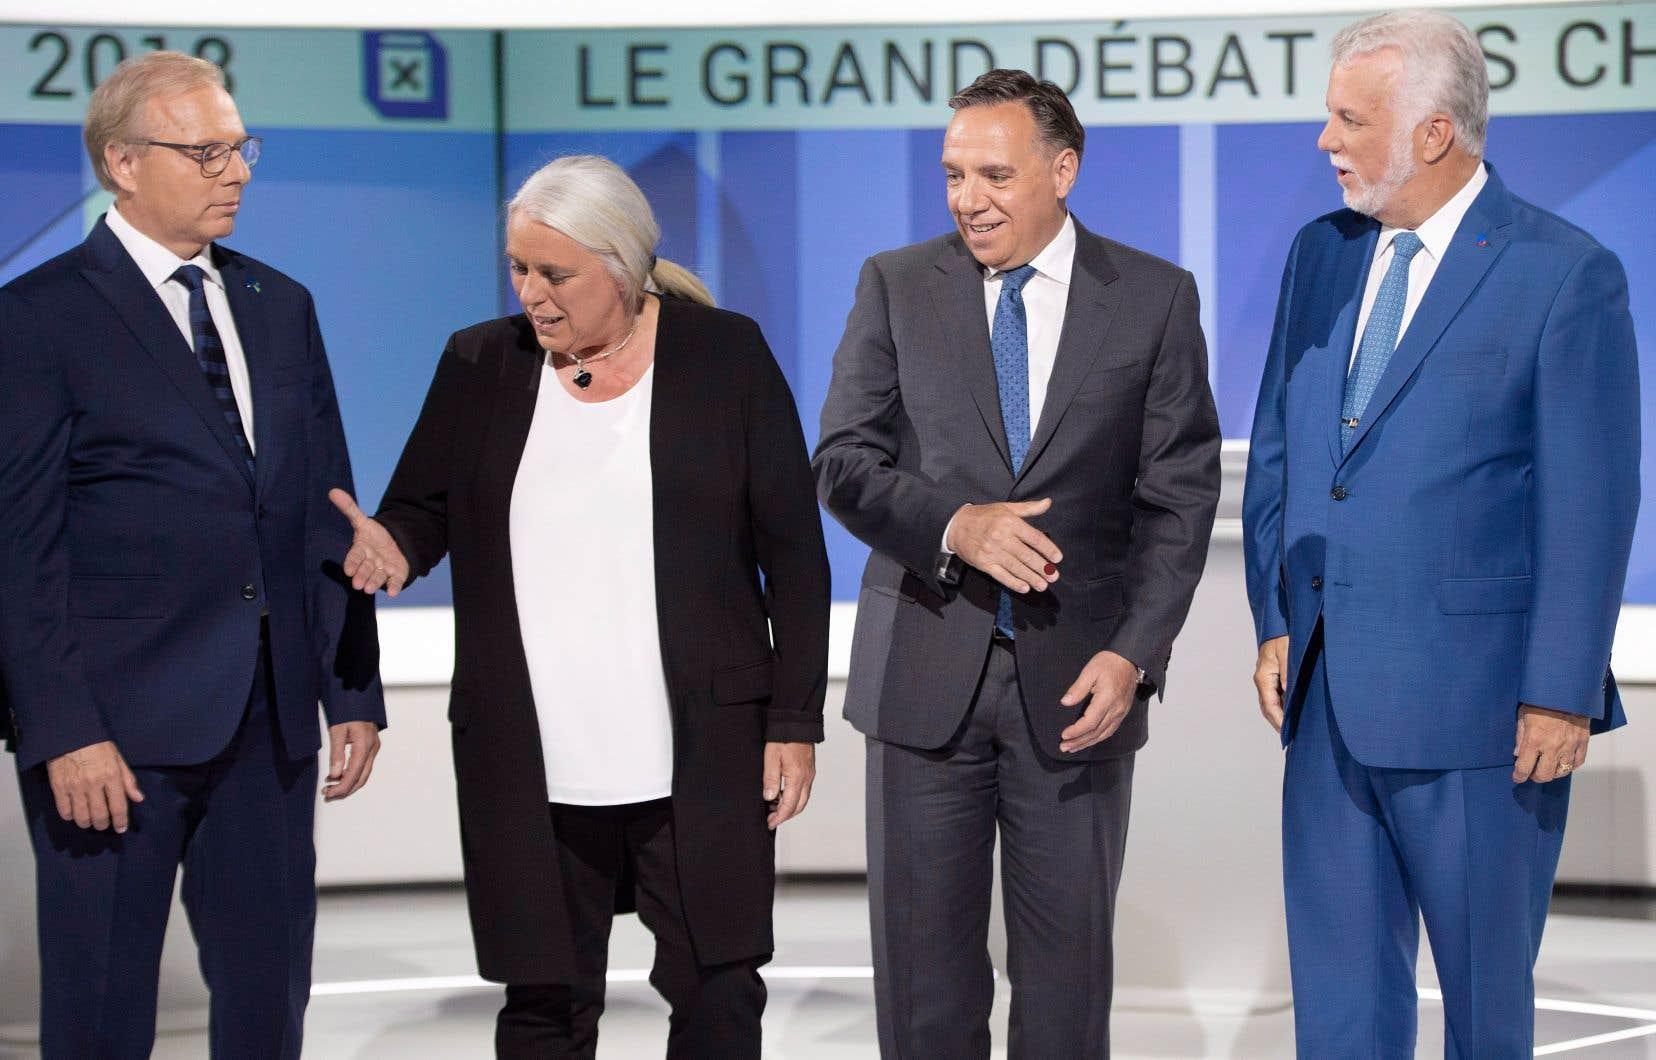 Jean-François Lisée, Manon Massé, François Legault et Philippe Couillard ont participé au débat des chefs en français jeudi dernier.